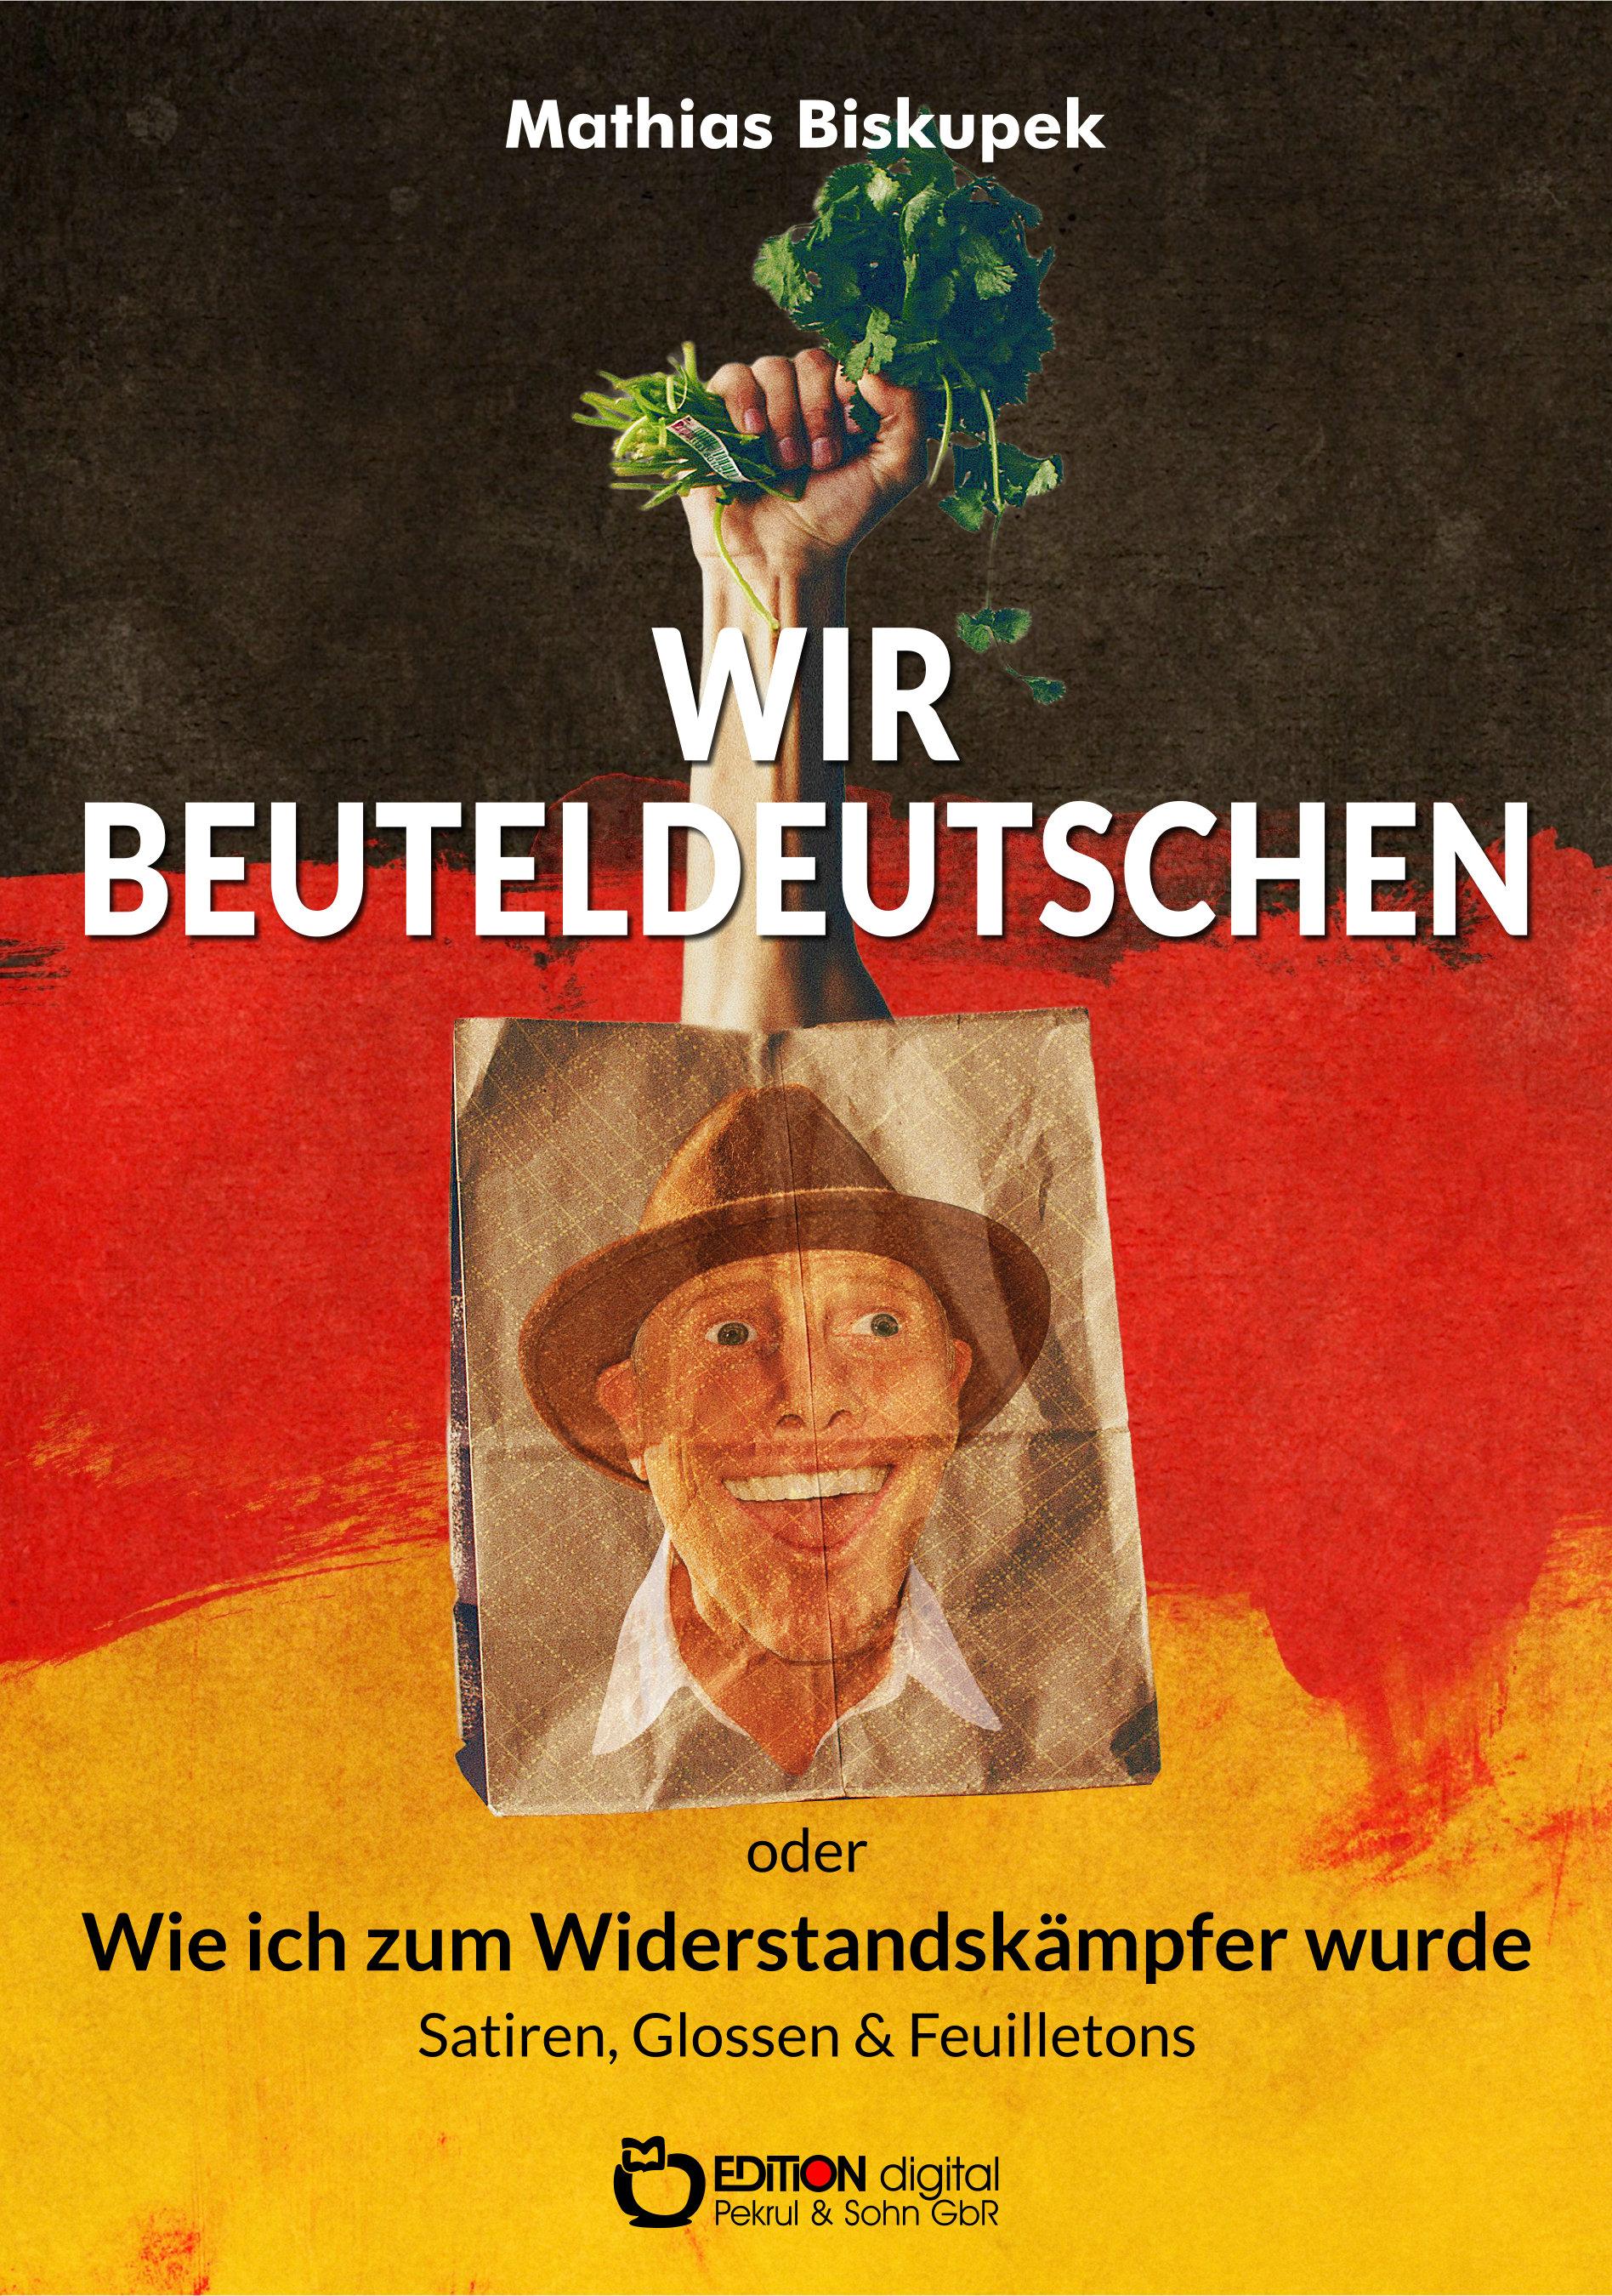 Wir Beuteldeutschen oder Wie ich zum Widerstandskämpfer wurde. Satiren, Glossen & Feuilletons von Matthias Biskupek